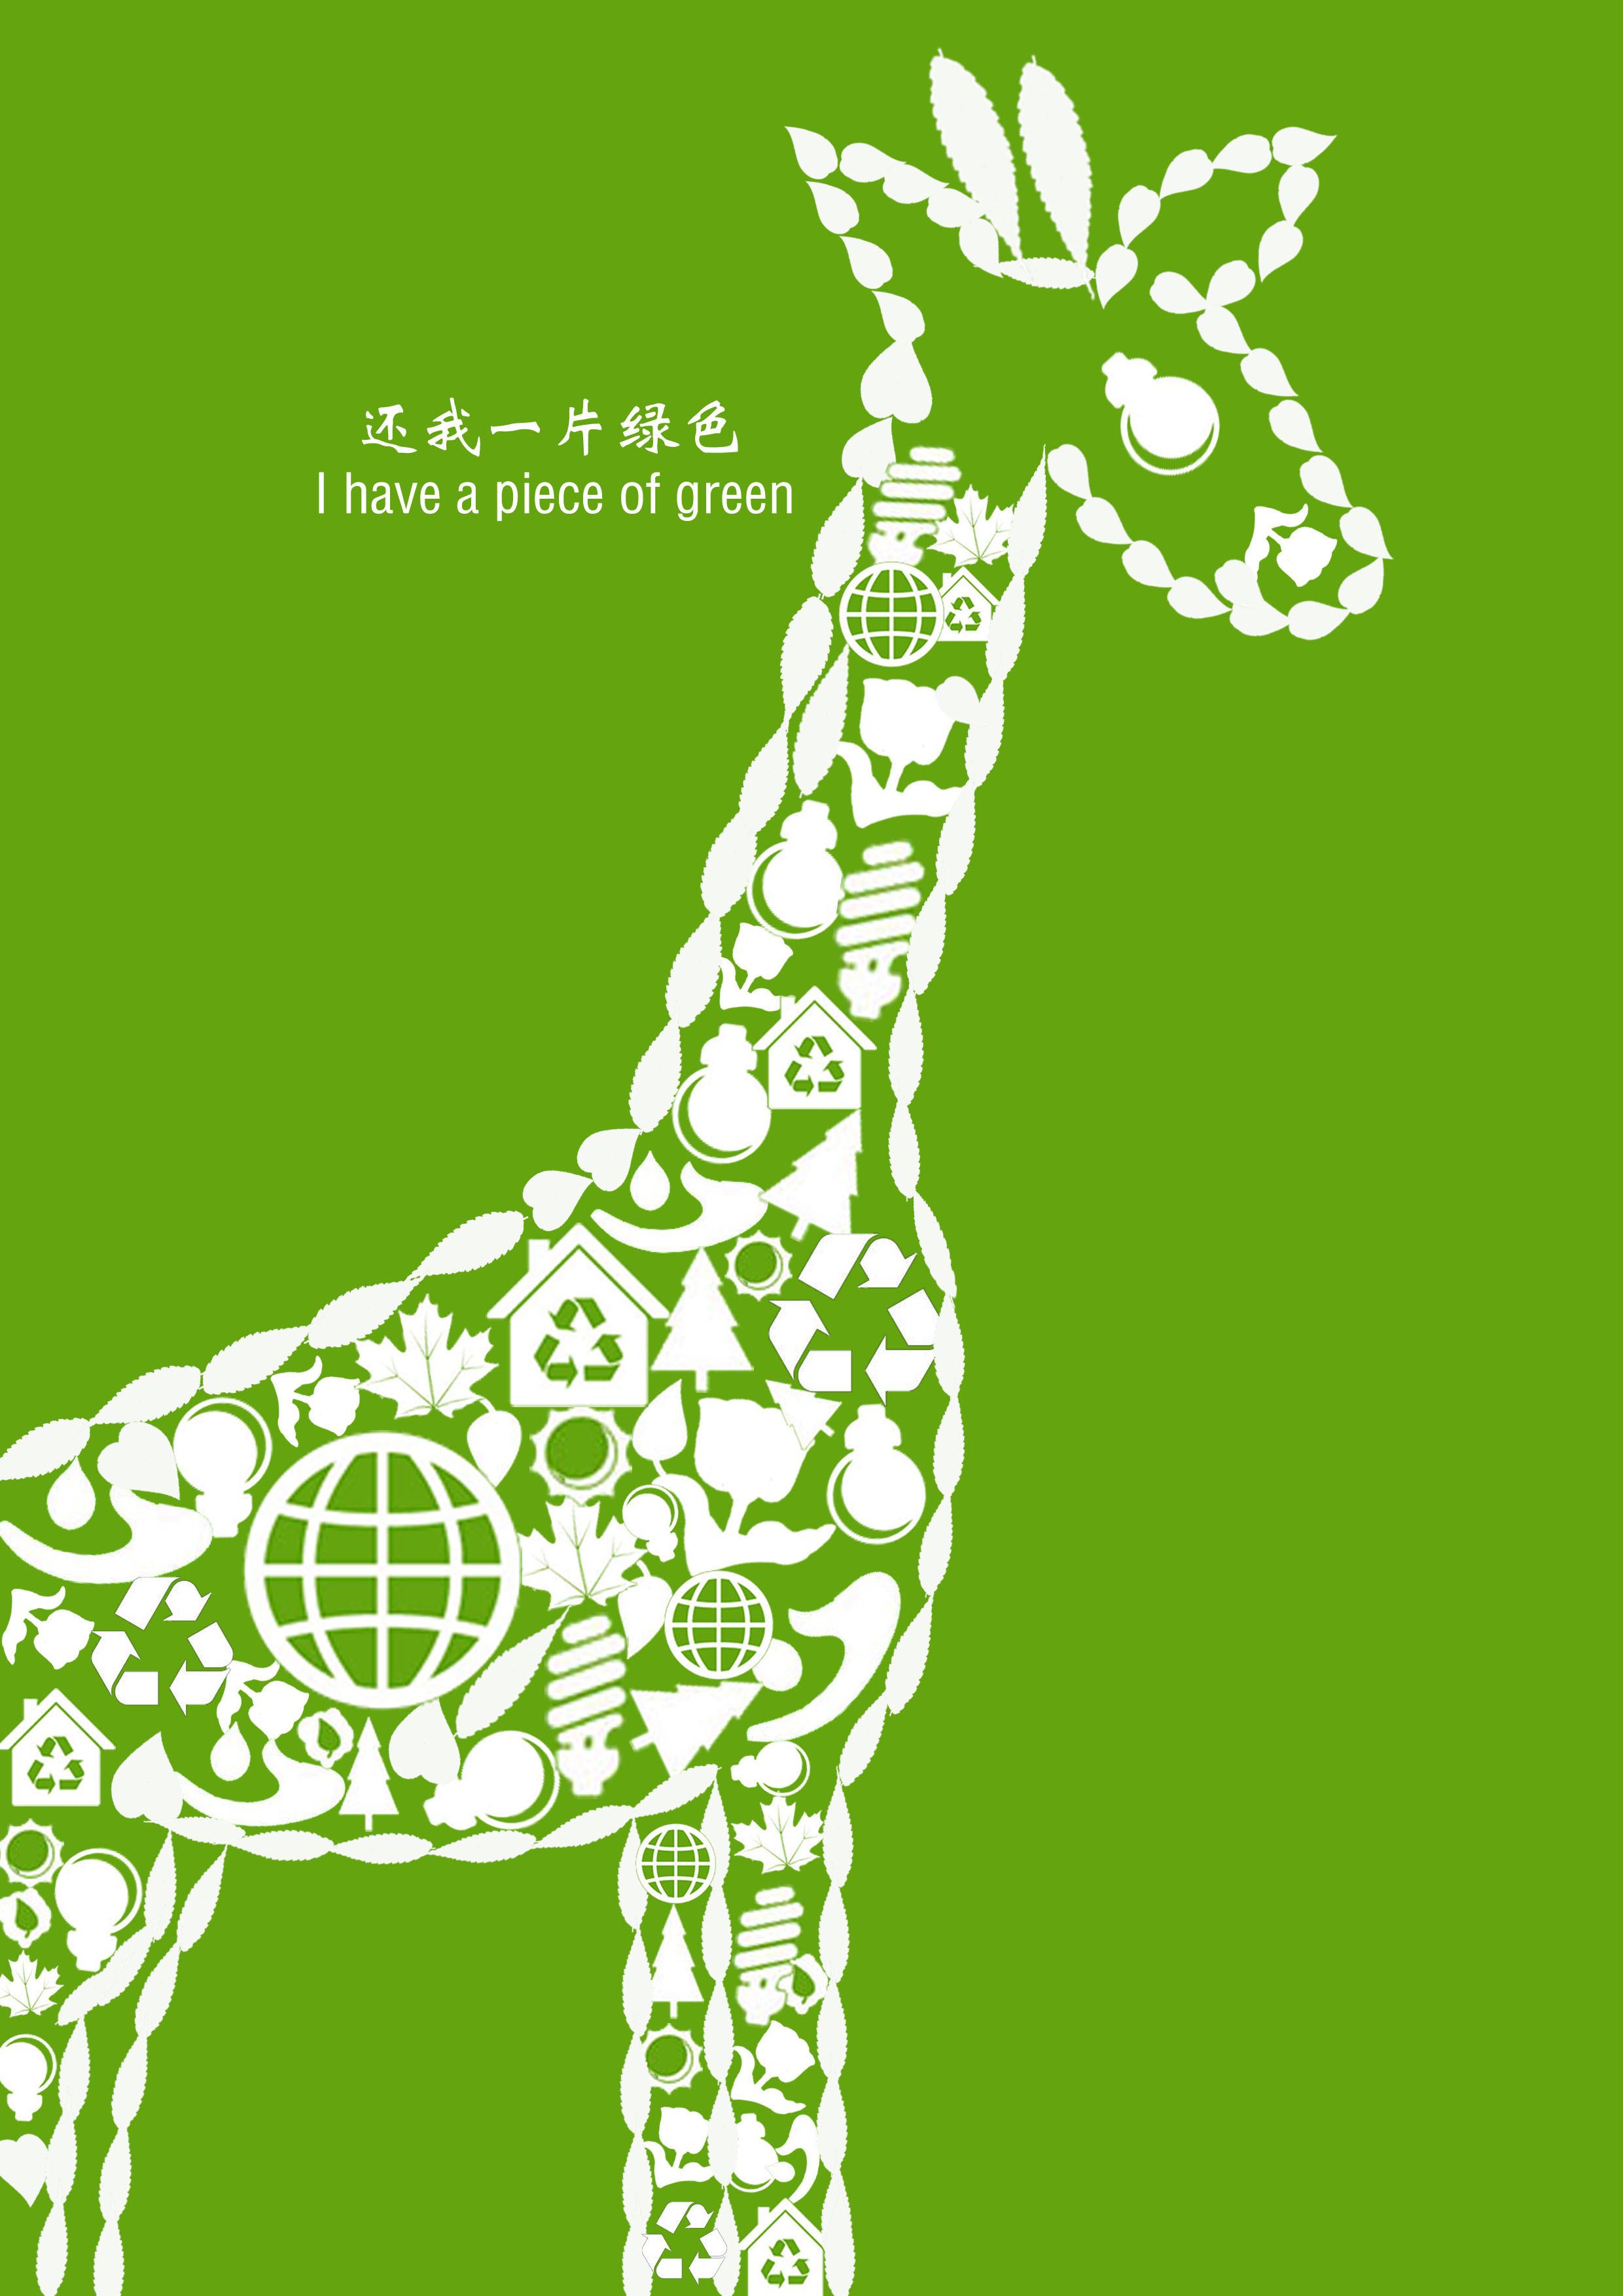 保护环境|平面|海报|四儿1219 - 原创作品 - 站酷图片